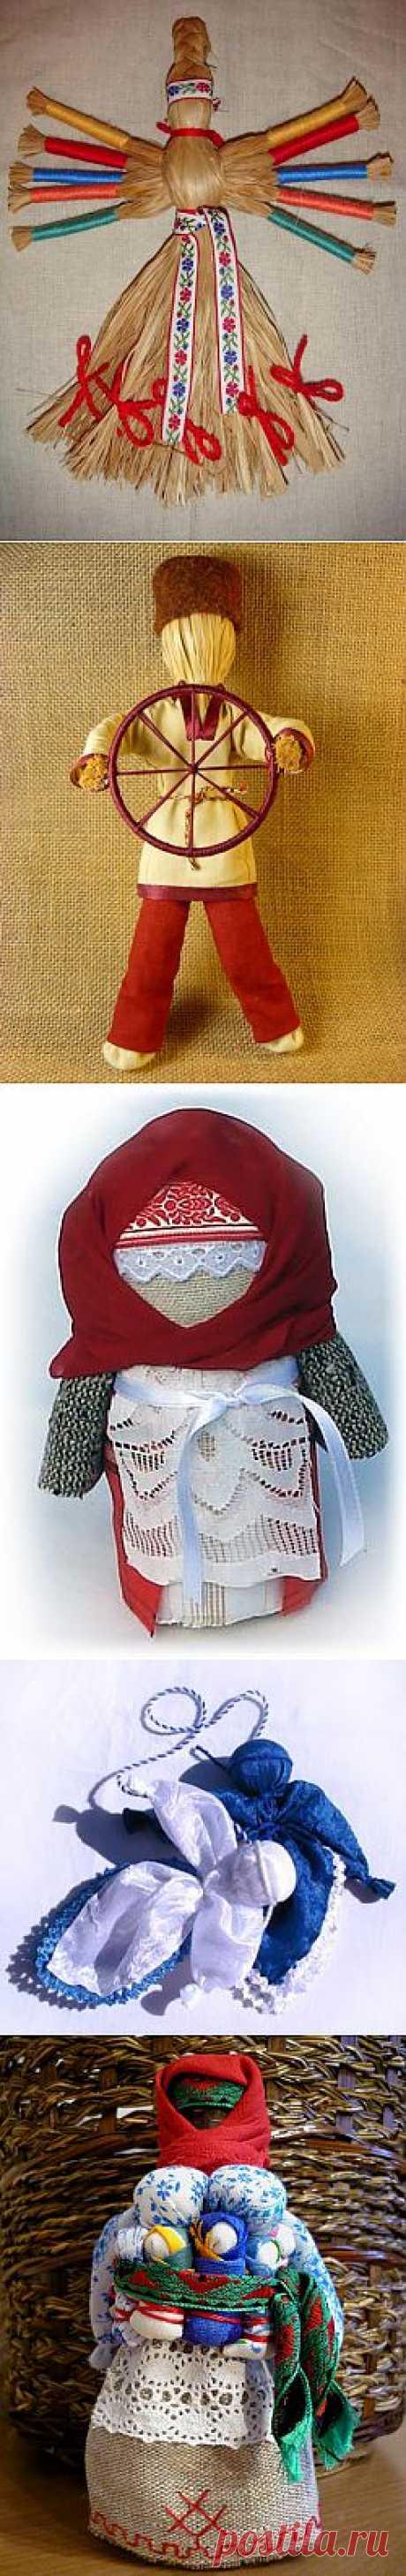 Еще немного про куклы. Куклы-обереги в Славянской культуре. Часть 1.